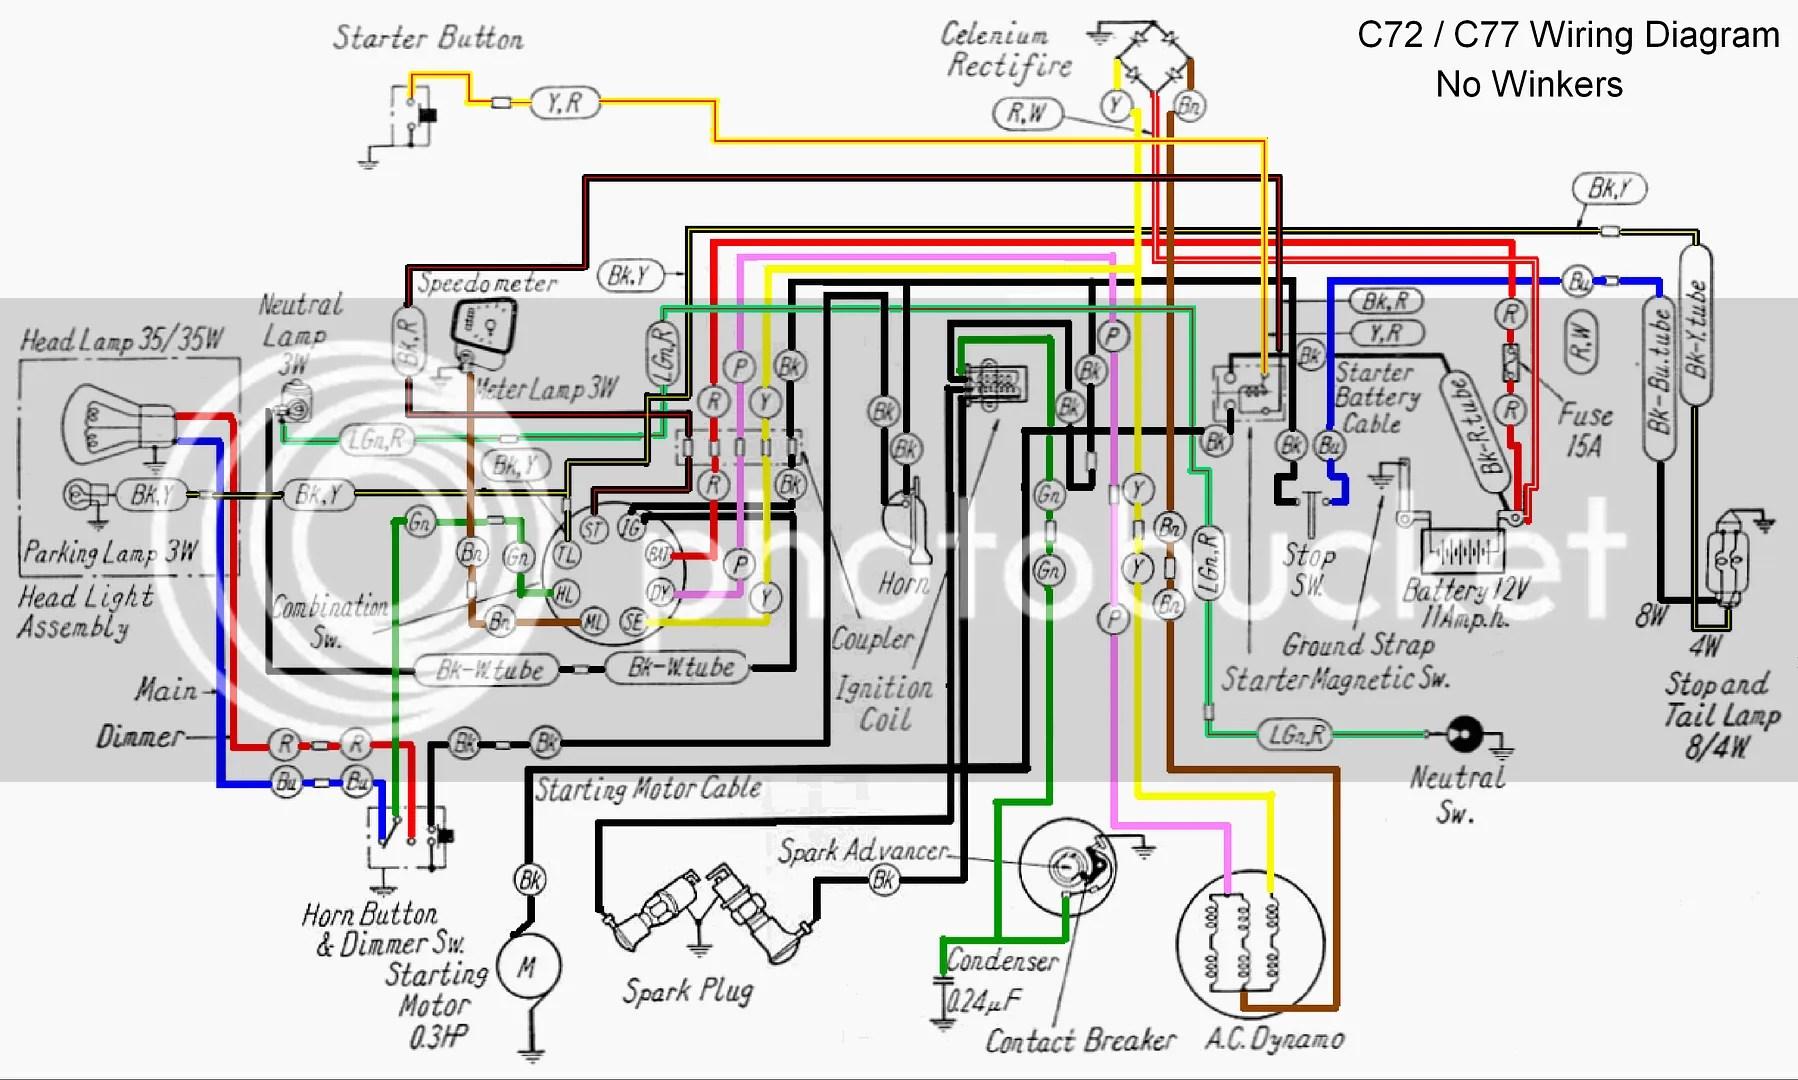 hight resolution of honda nova wiring diagram simple wiring diagram 72 chevy nova starter wiring diagram honda nova wiring